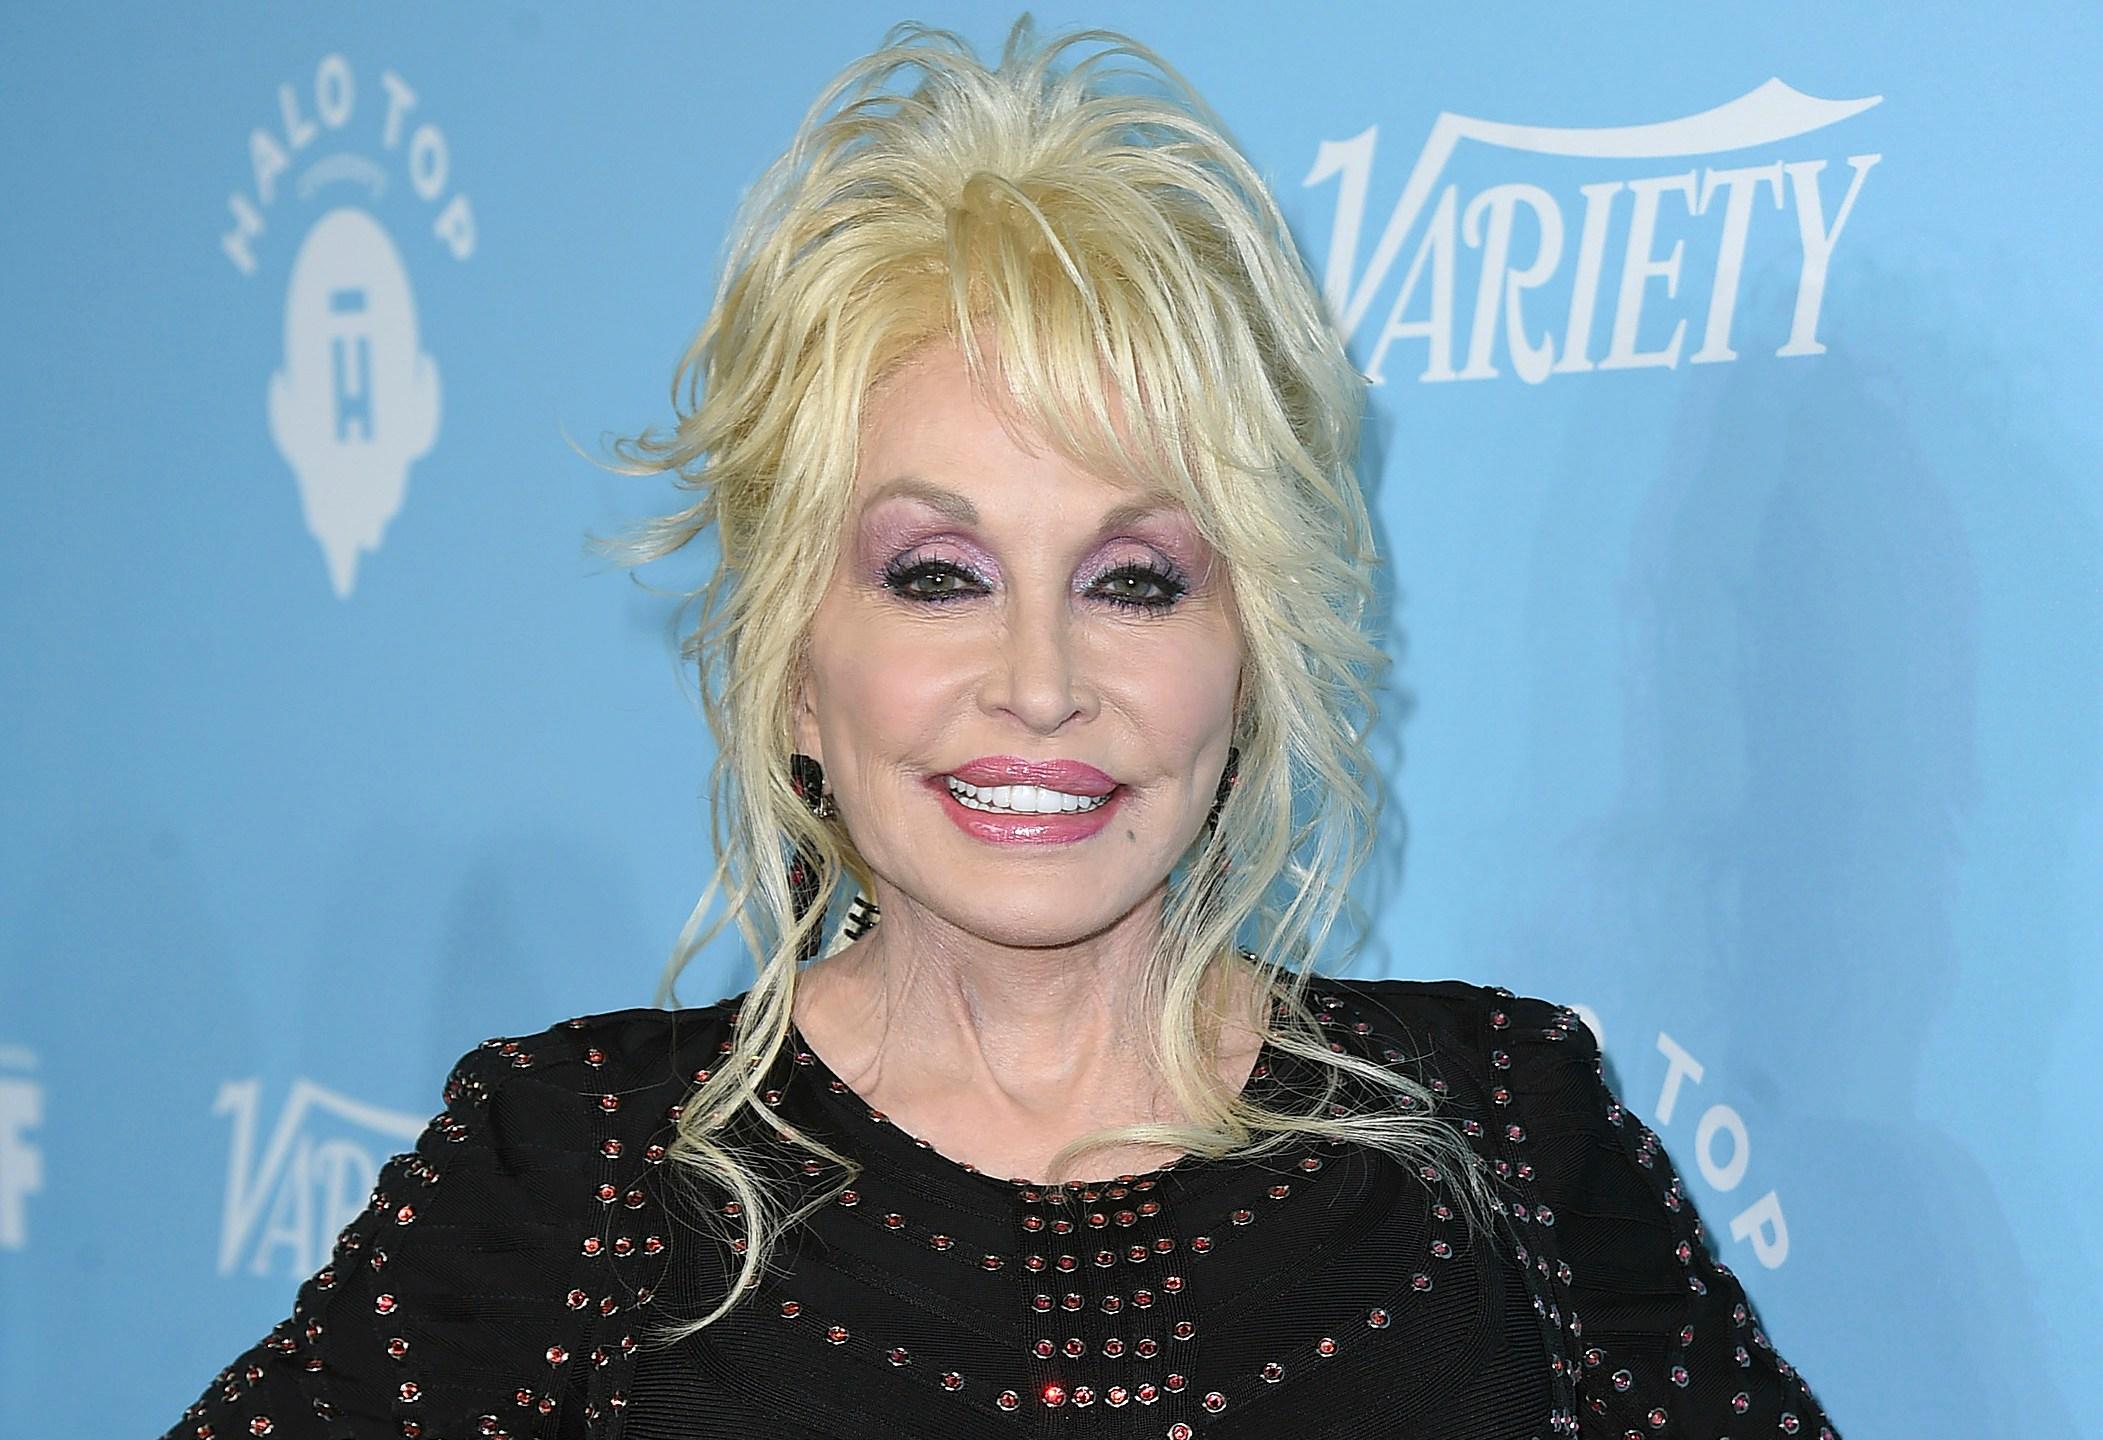 Dolly_Parton-MusiCares_78120-159532.jpg07021303